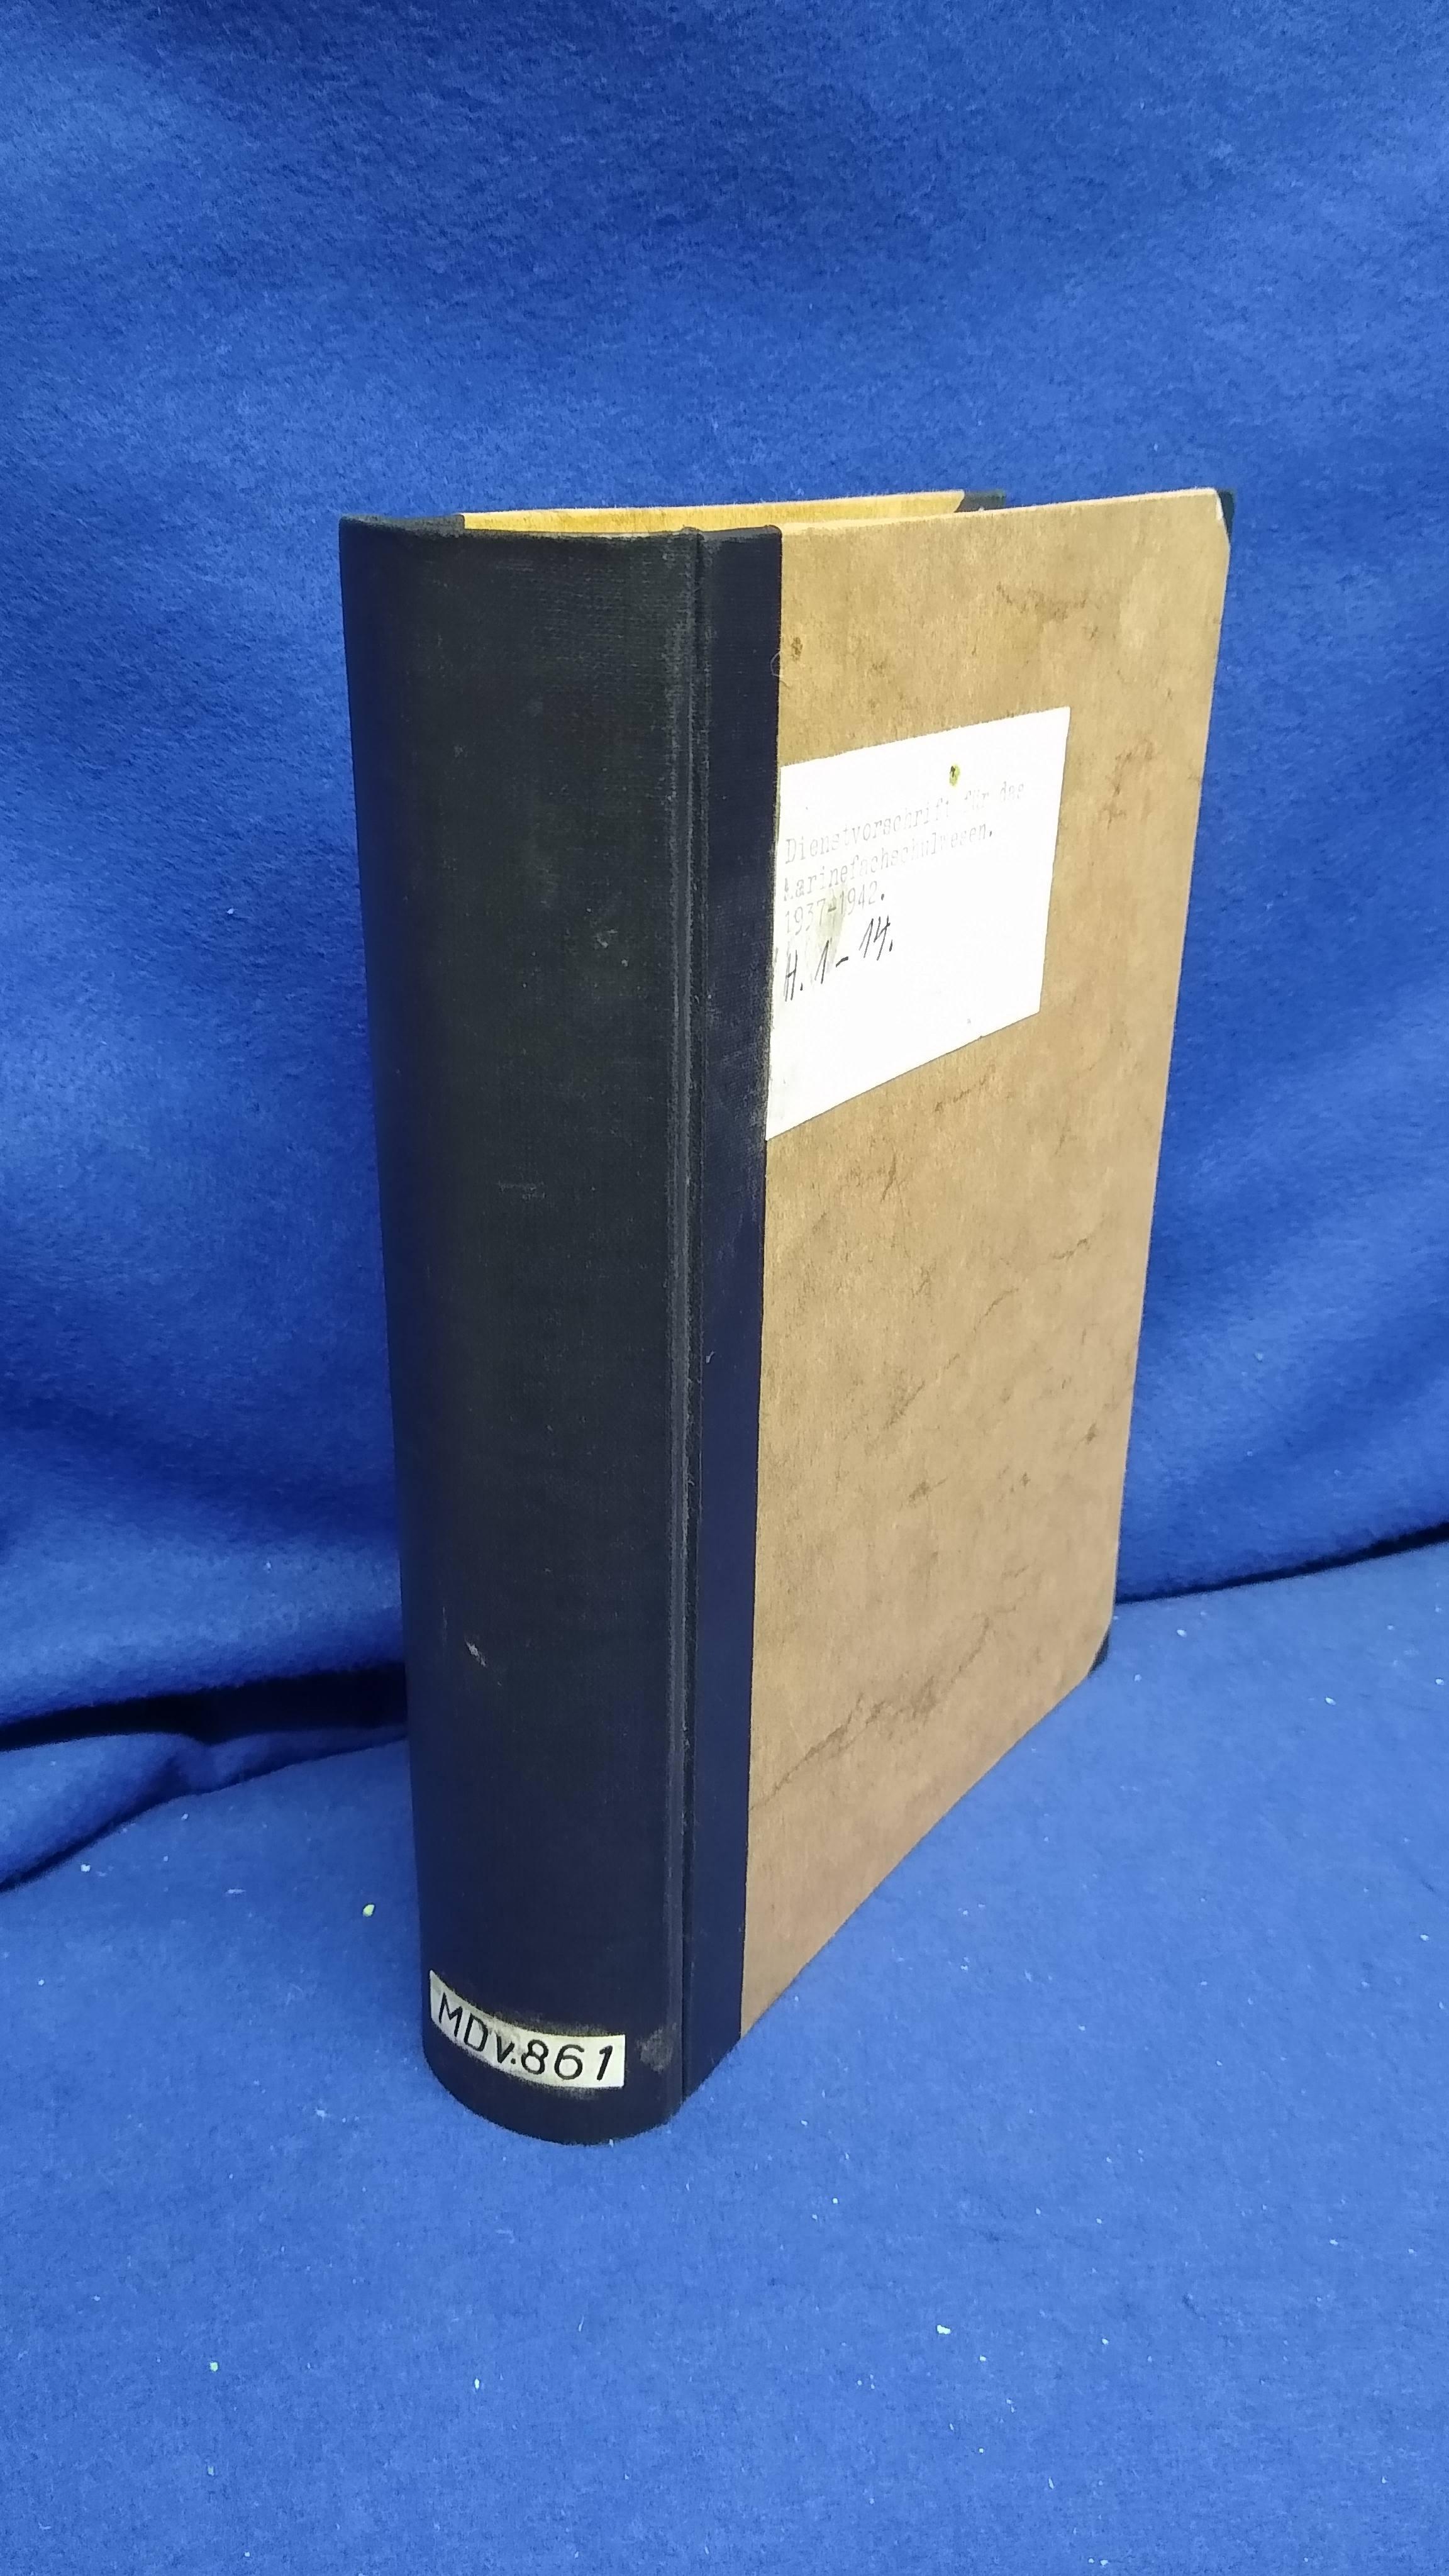 Sammelband mit 13 Marinedienstvorschriften M.Dv. 861 für das Marinefachschulwesen.